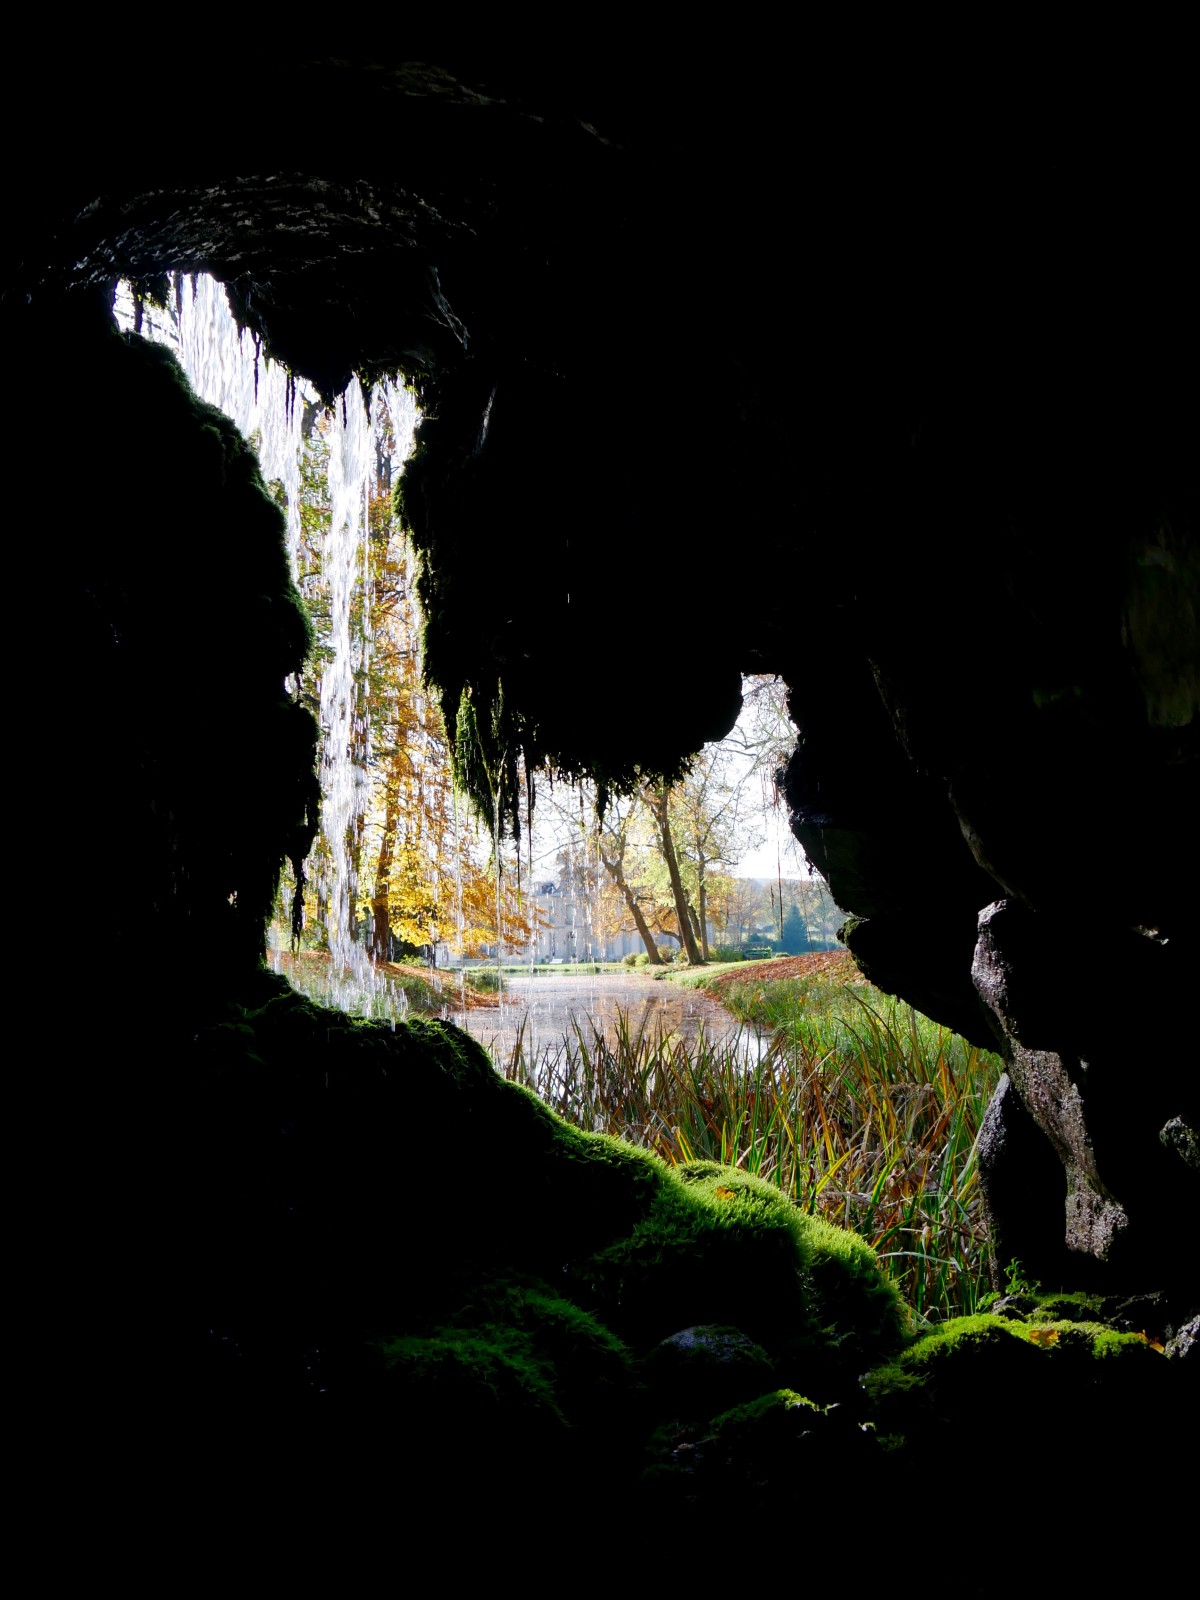 Arboretum de Segrez - depuis l'intérieur de la grotte.Hortus Focus